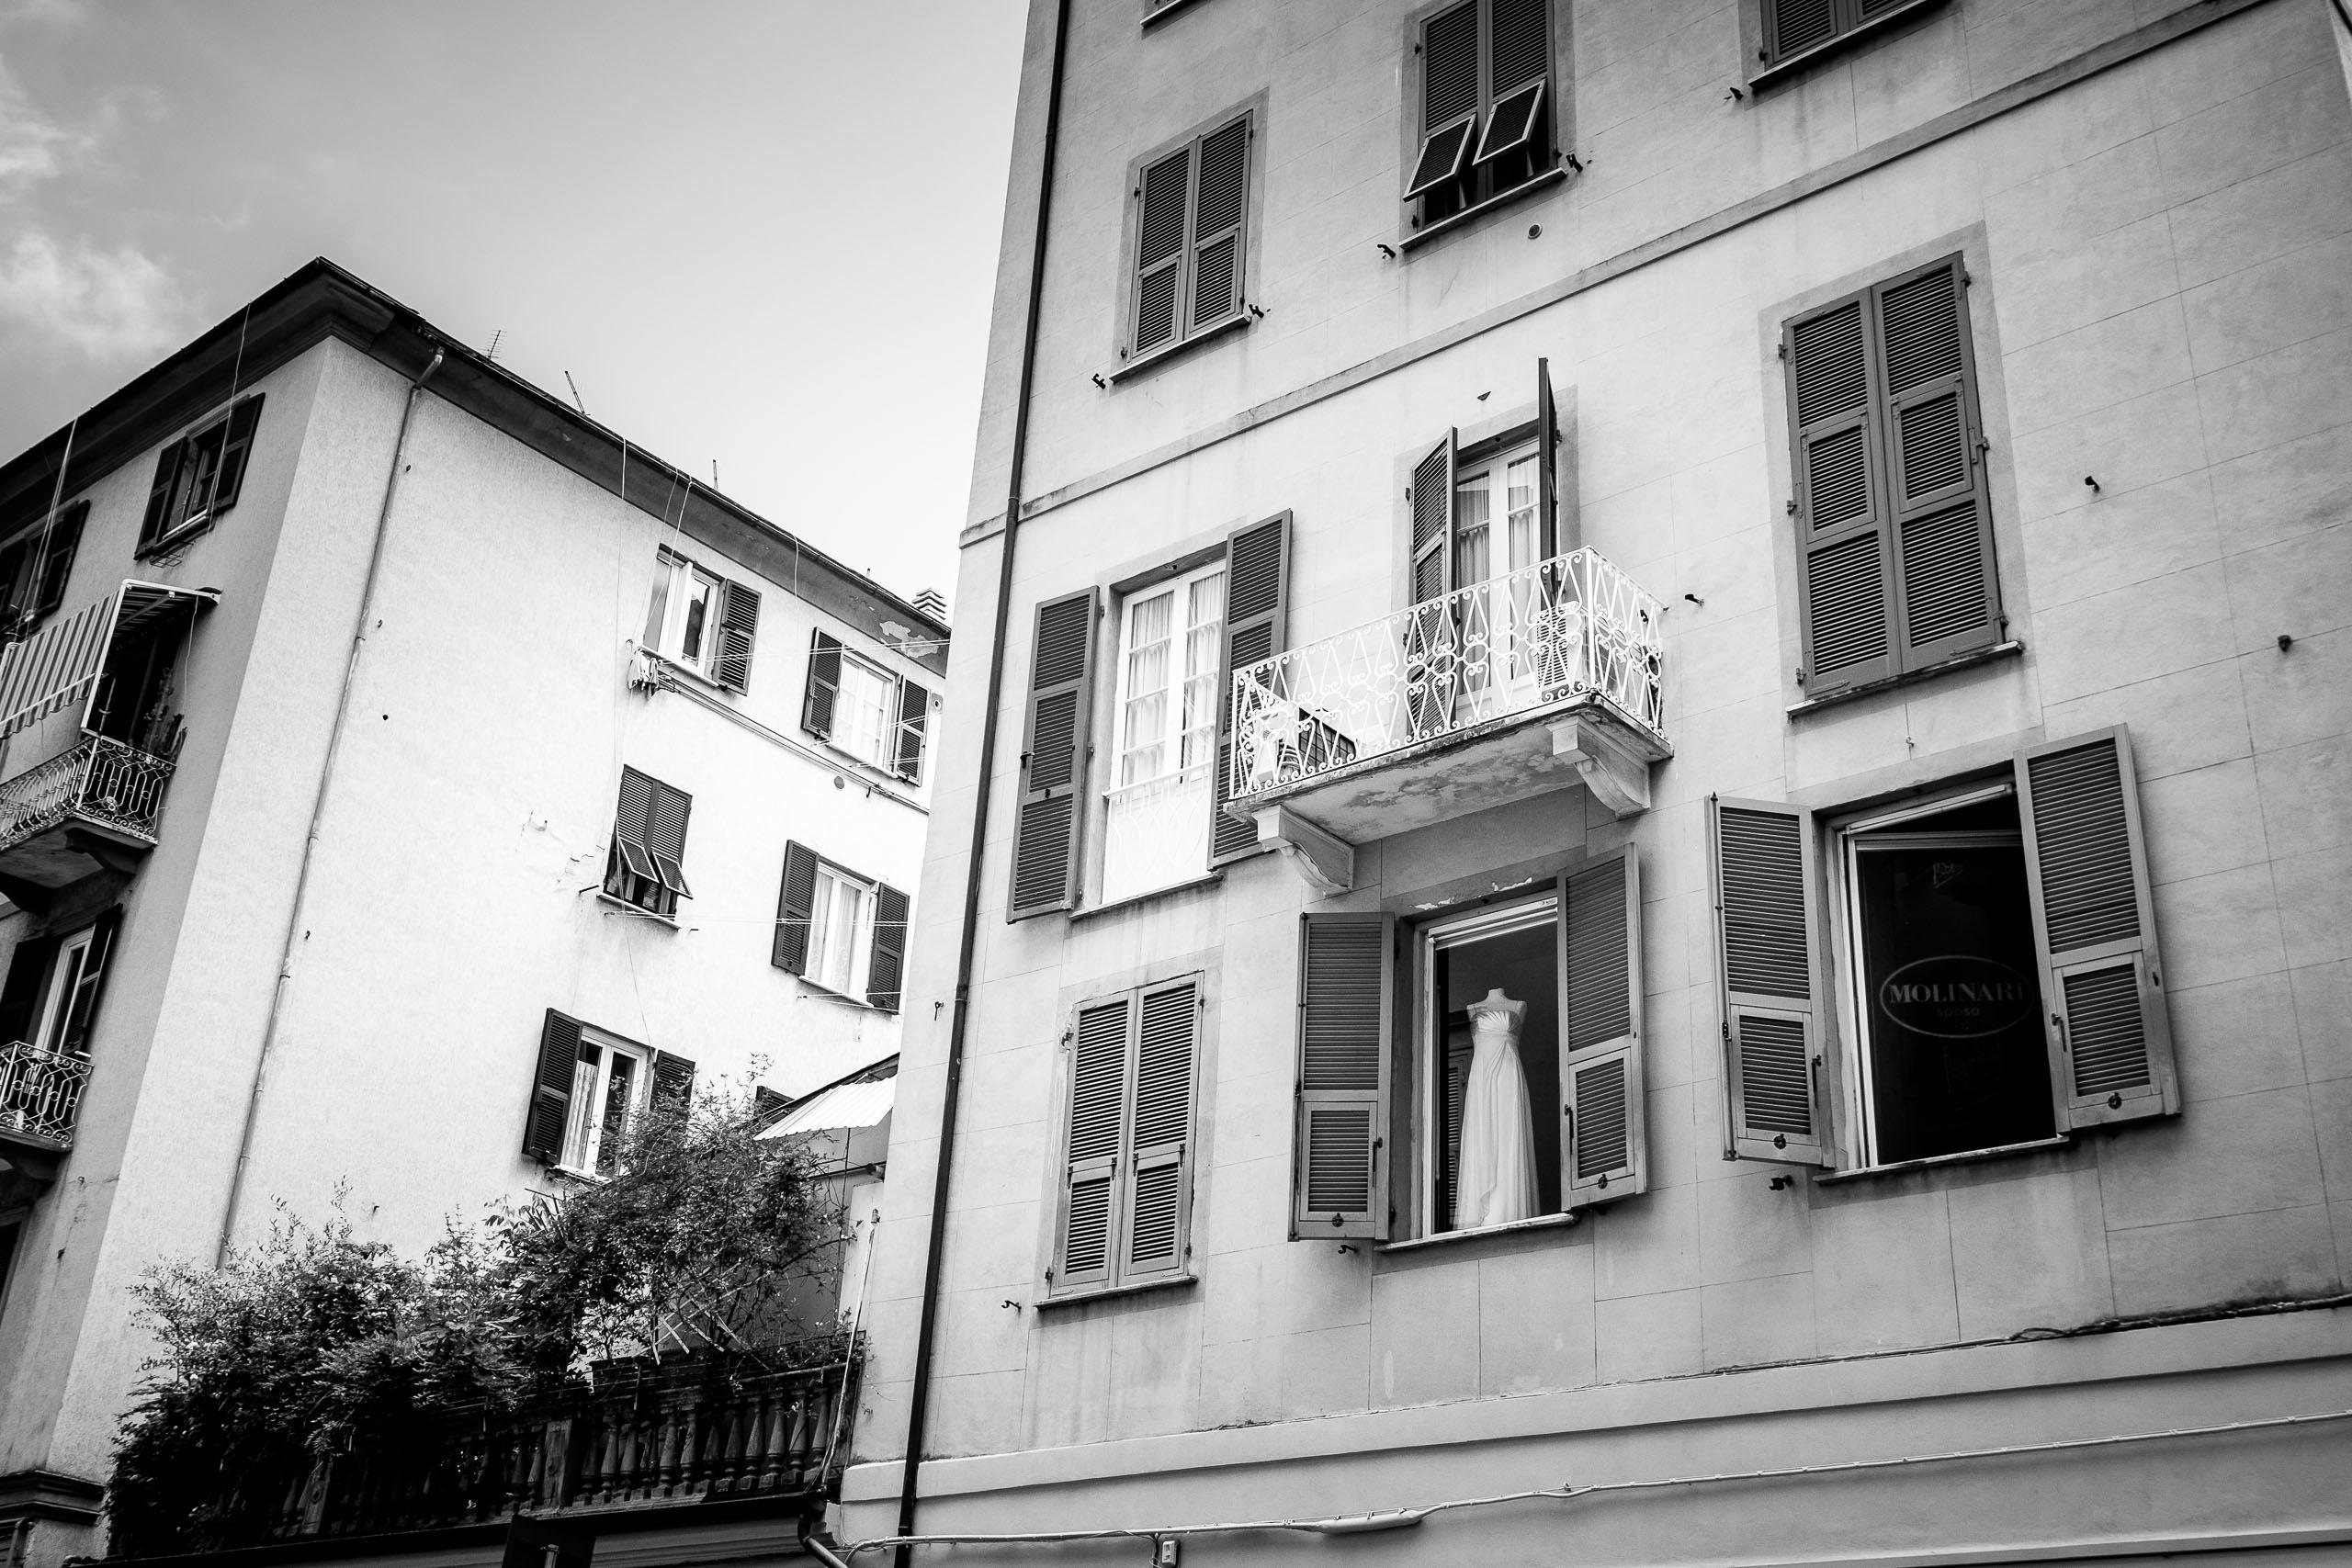 Street scene in La Spezia, Italy